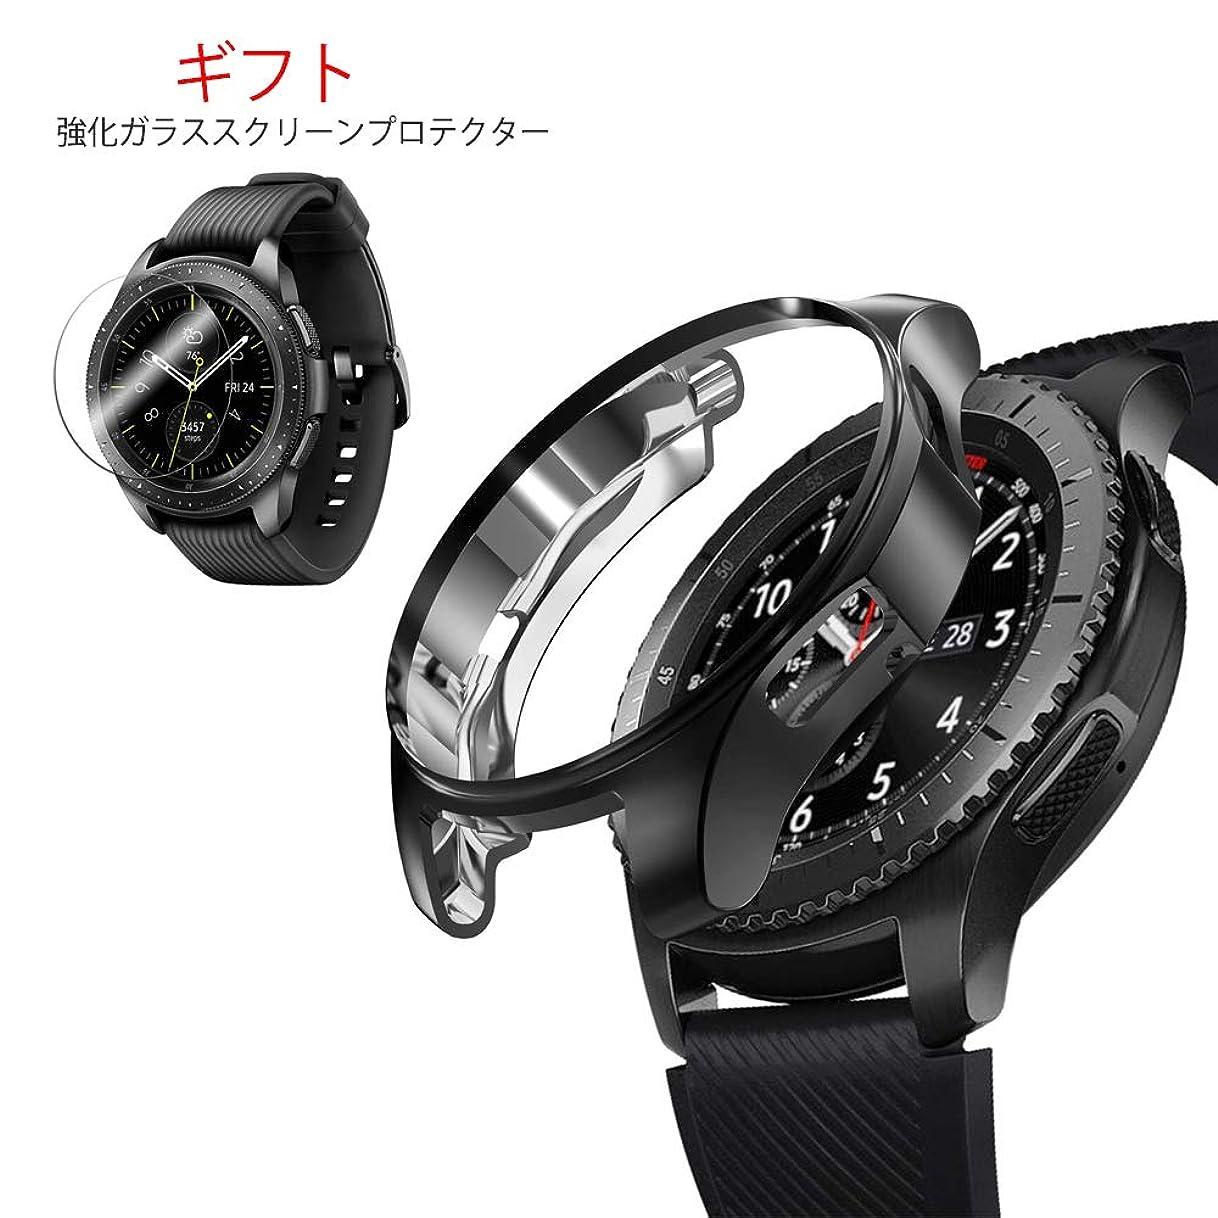 粘土ダース乳白ONTUBE ケース 対応 Samsung Galaxy Watch, TPUケース ソフト保護型カバー適応amsung Galaxy Watch 42mm/46mm (42mm, 黒)